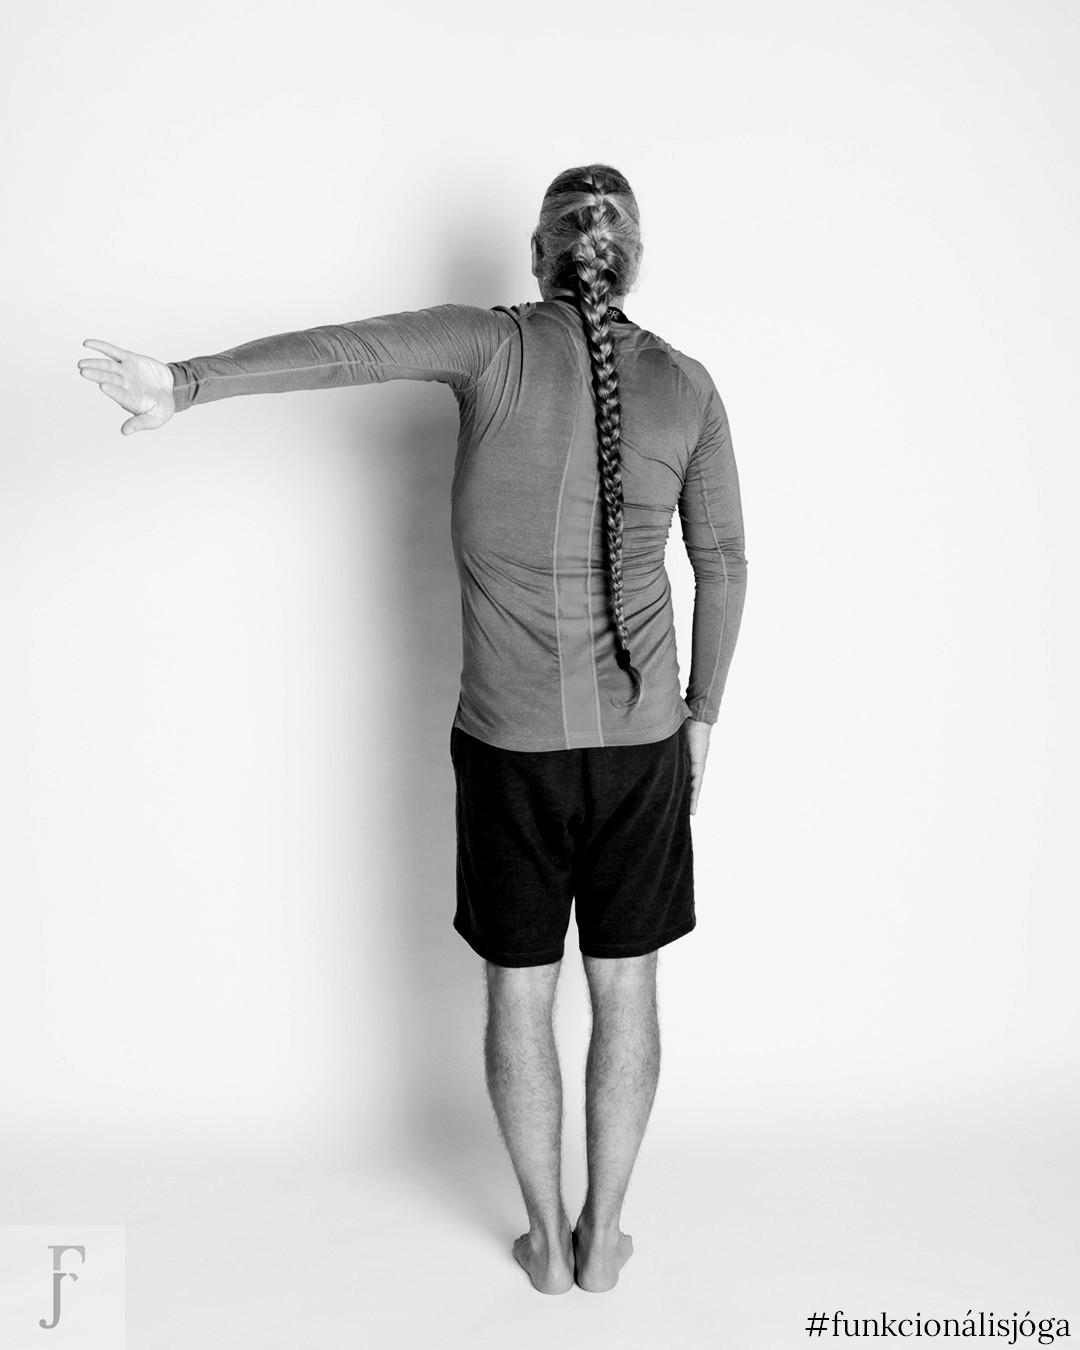 vállízület fájdalom a karok hátrahúzásakor